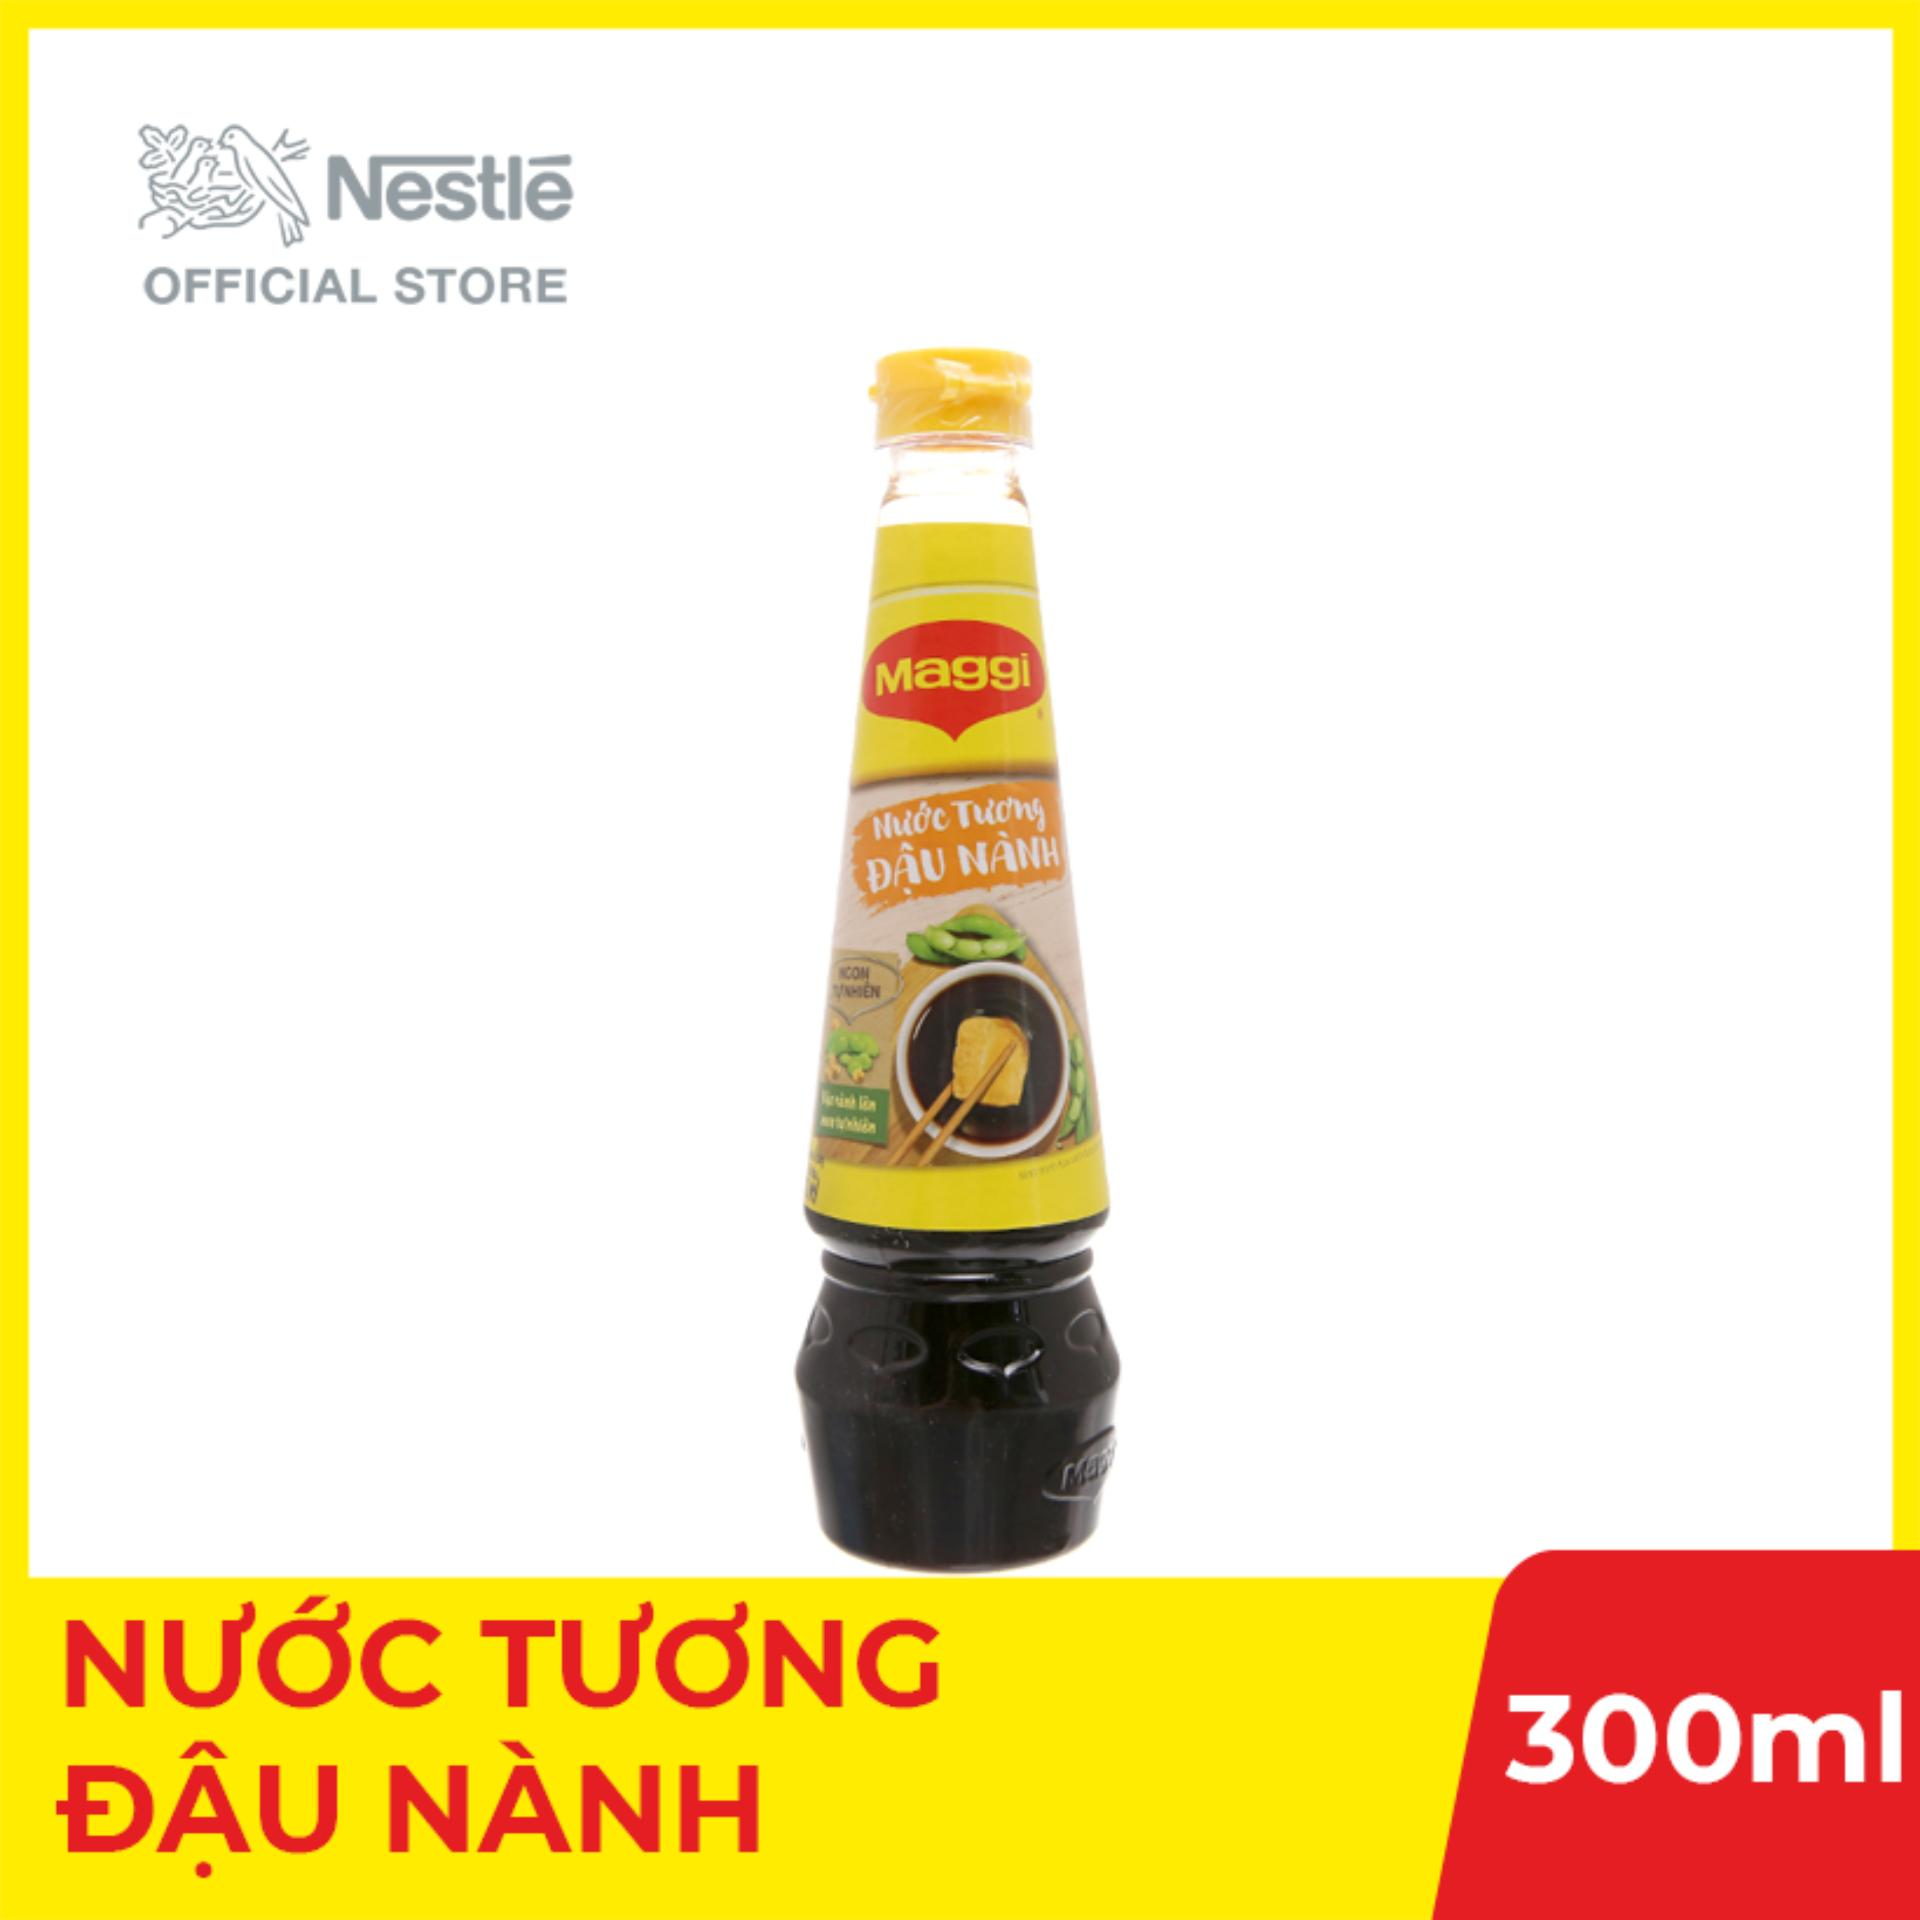 Nước tương đậu nành MAGGI - Chai 300ml